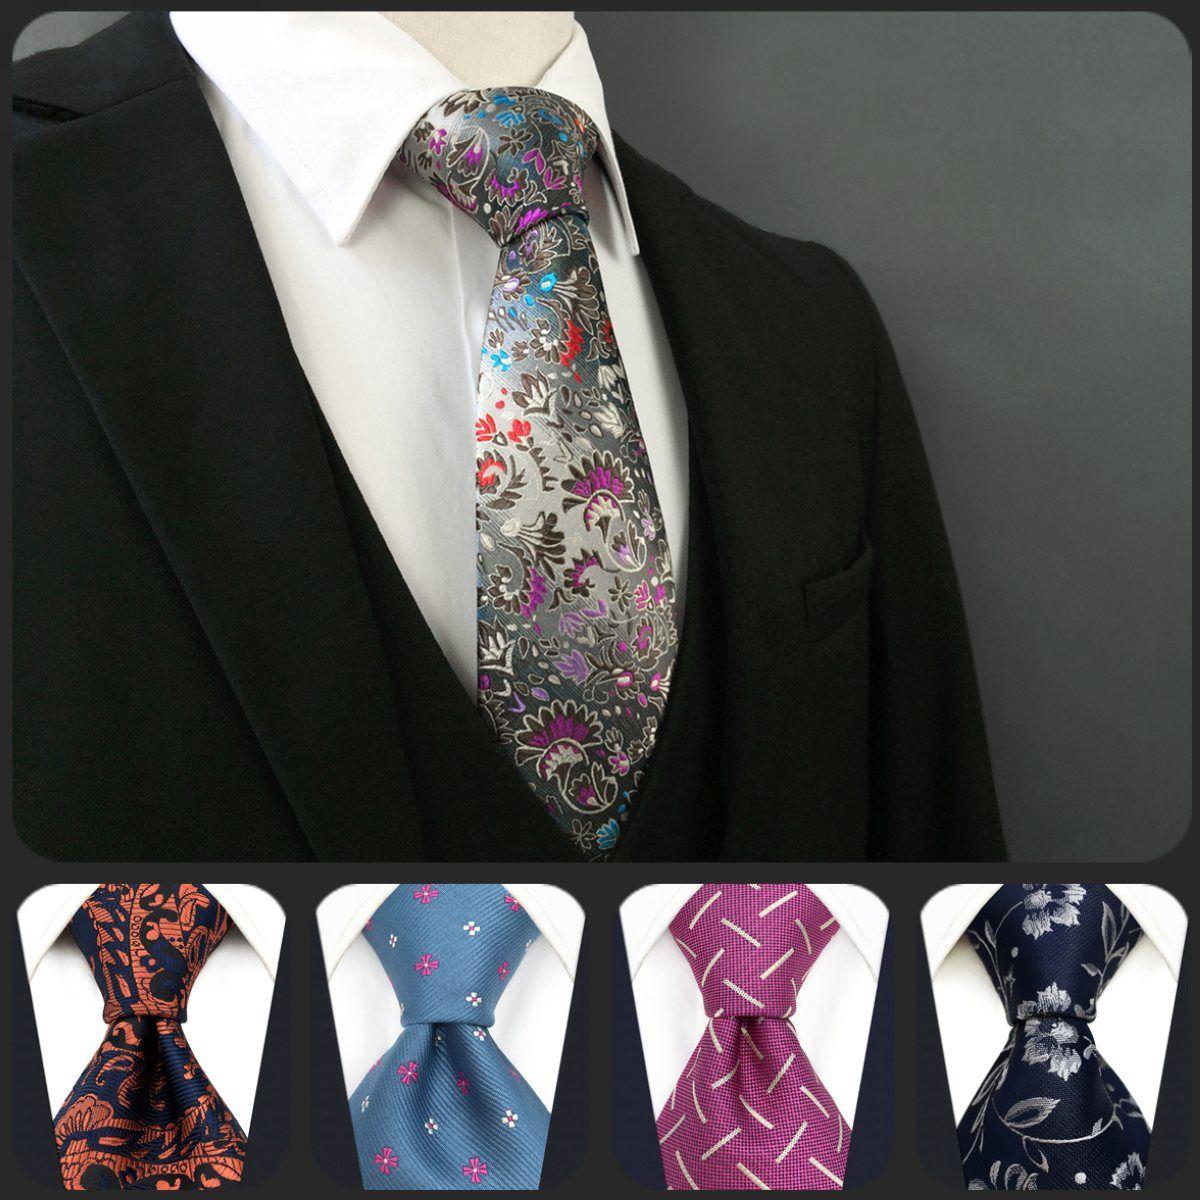 기하학적 패션 플로랄 패턴 여러 가지 빛깔의 망 넥타이 넥타이 100 % 실크 여분의 긴 크기 새로운 자카드 짠